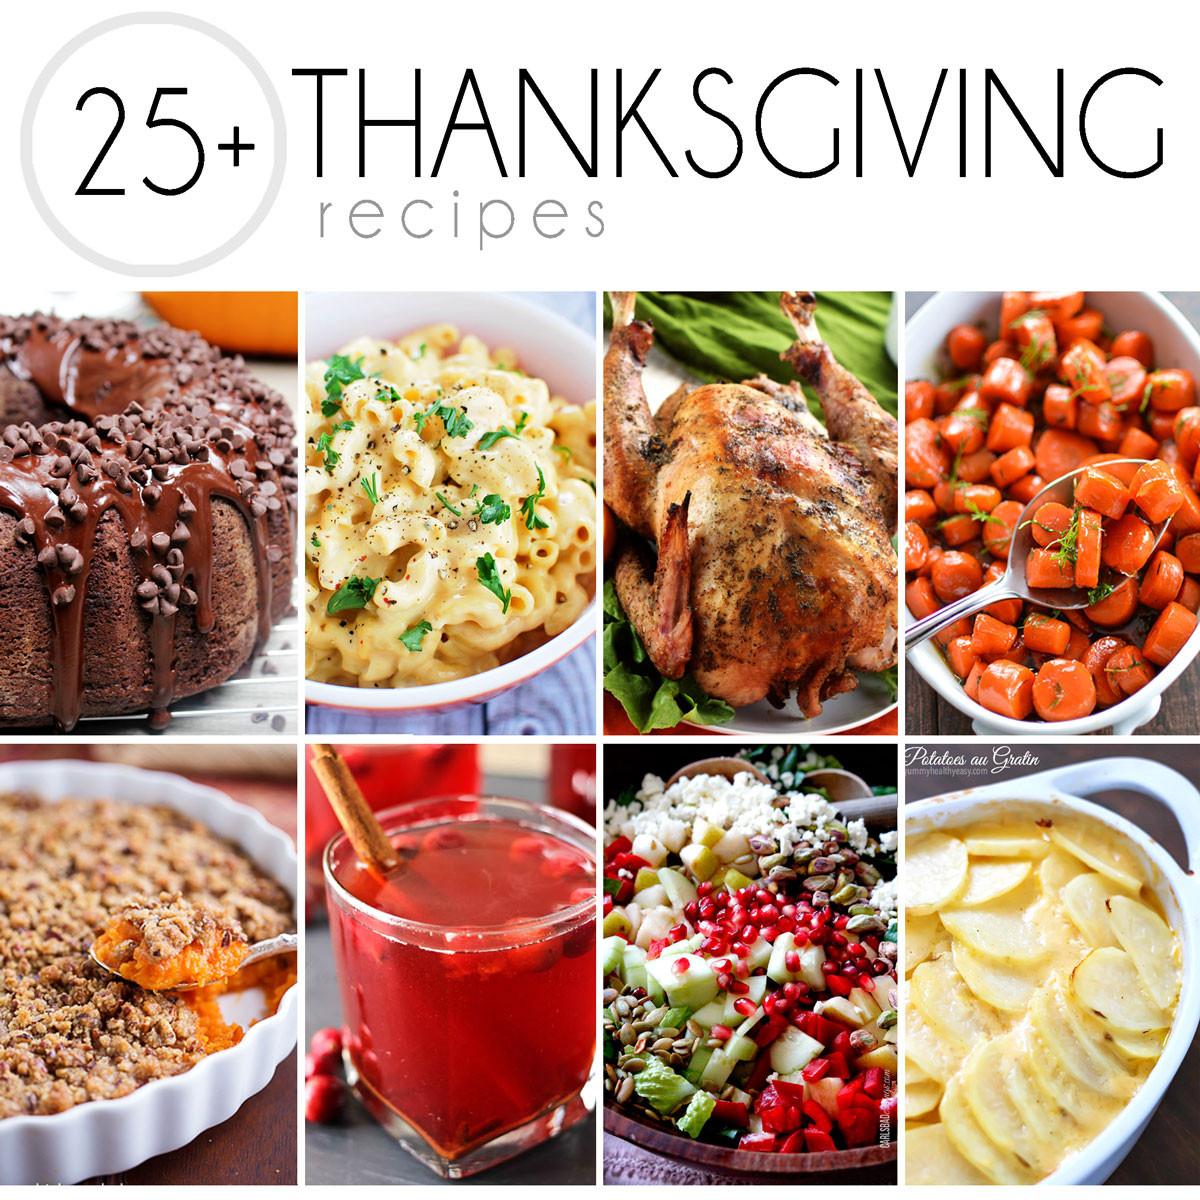 Turkey Recipes For Thanksgiving Dinner  25 Thanksgiving Recipes